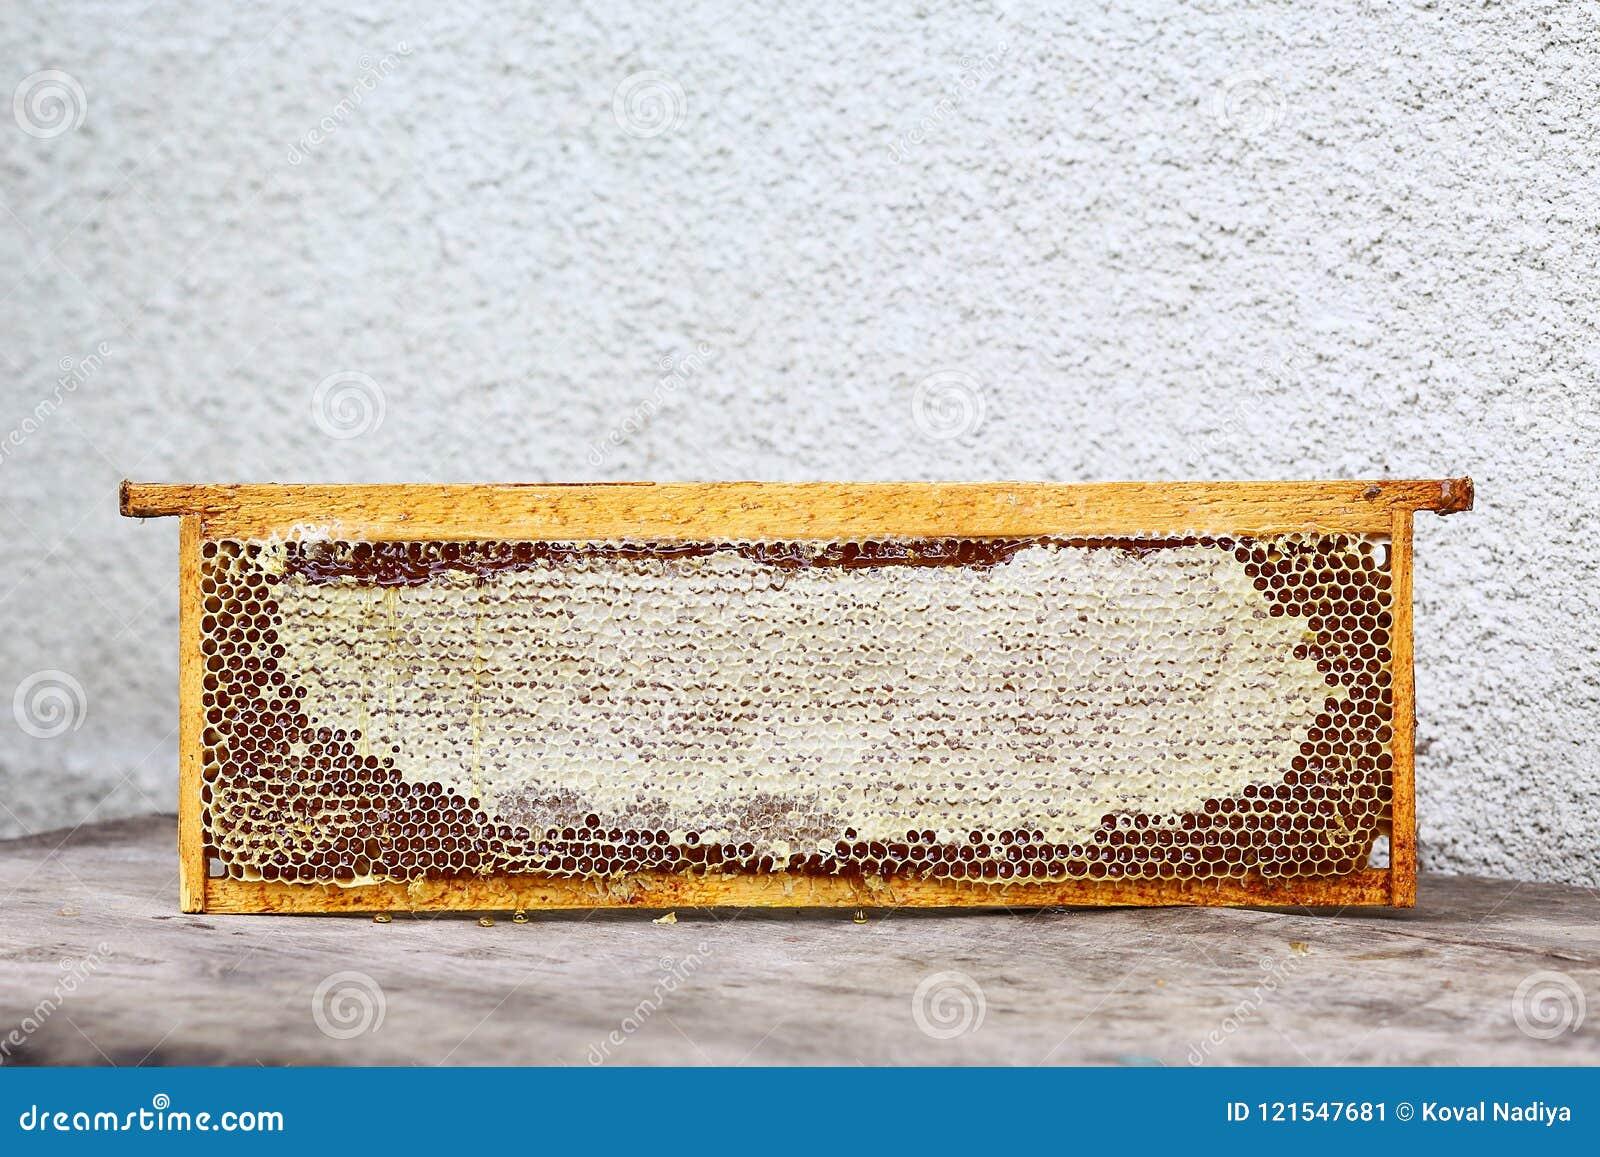 Het kader van de bijenstalbijenkorf met bijen zet structuurhoogtepunt van verse bijenhoning in in de was honingraten Geïsoleerde